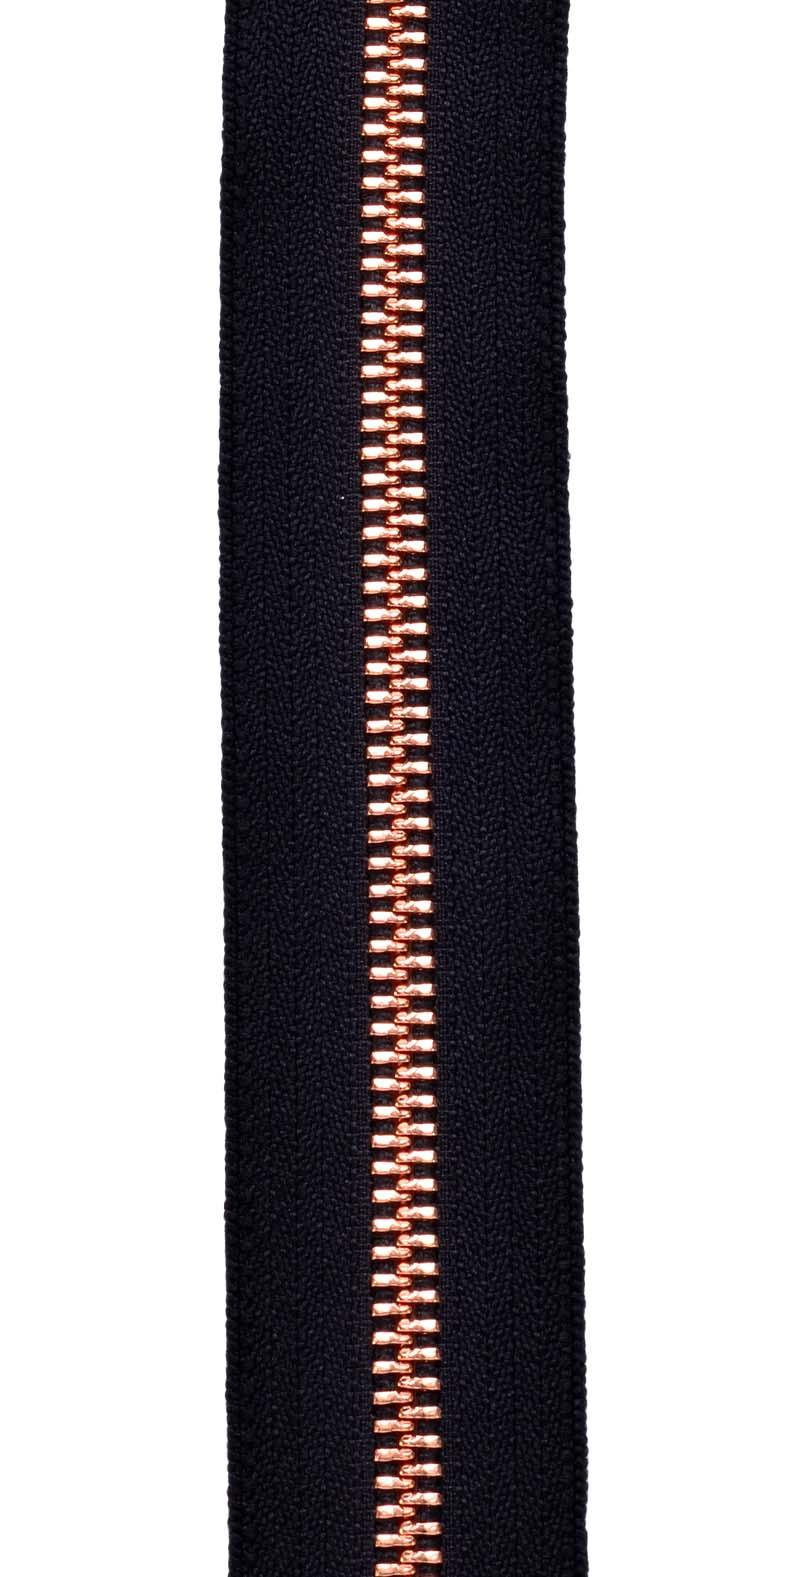 Teeth Color Of Metal Zipper Sbs Zipper